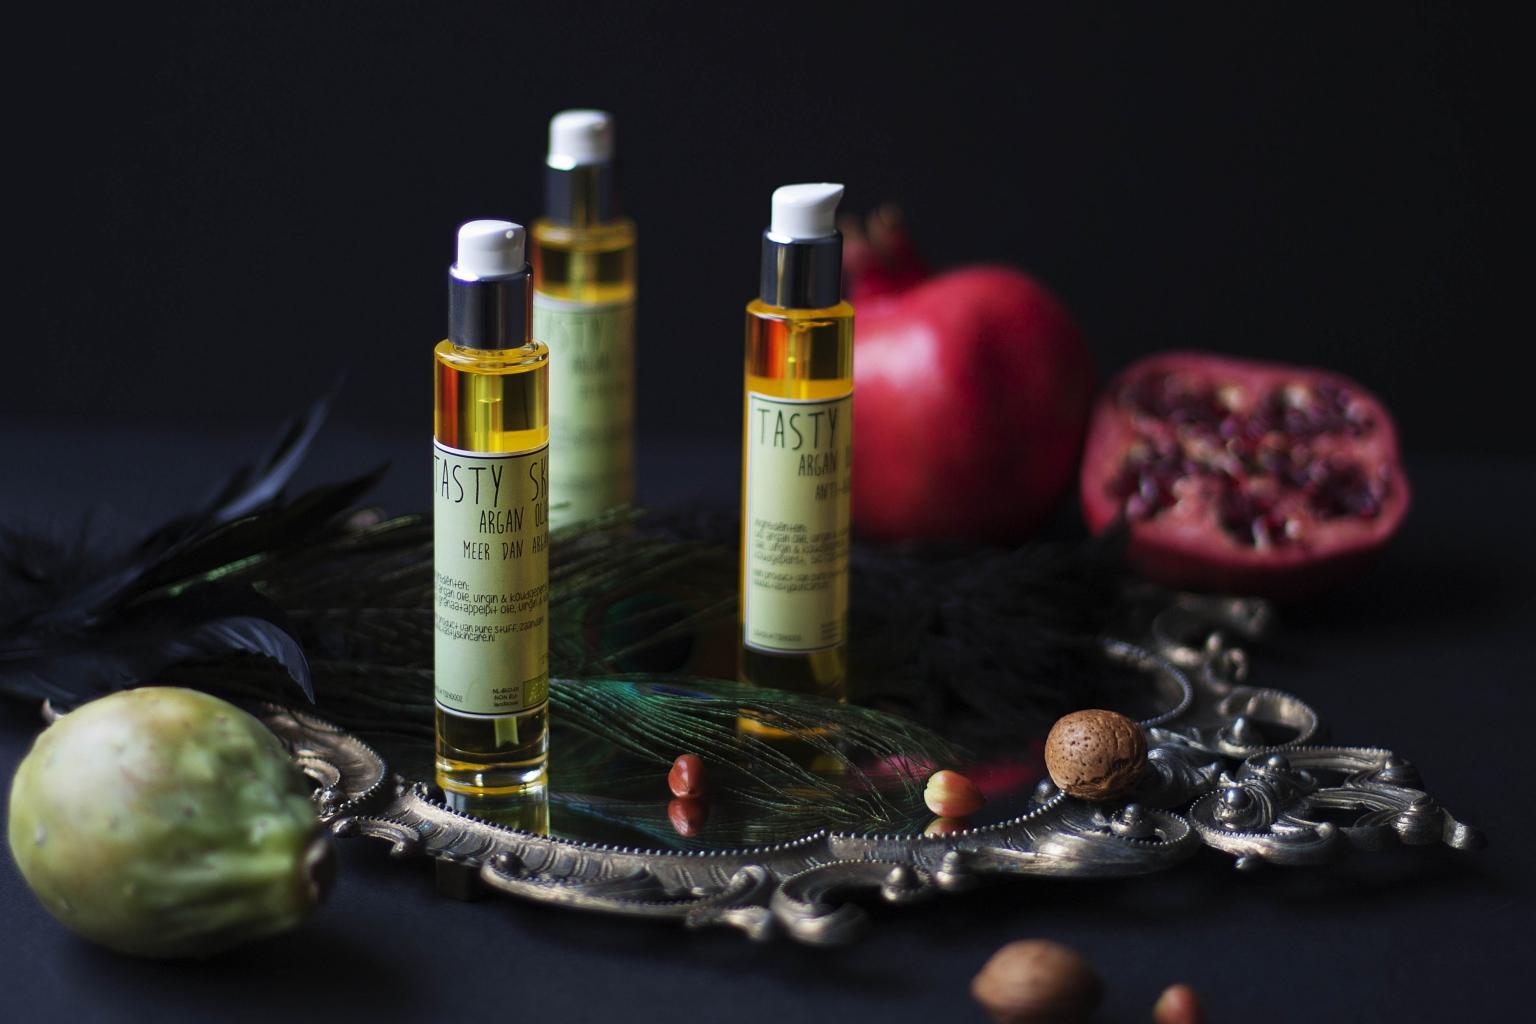 Tasty Skincare argan olie + sfeer